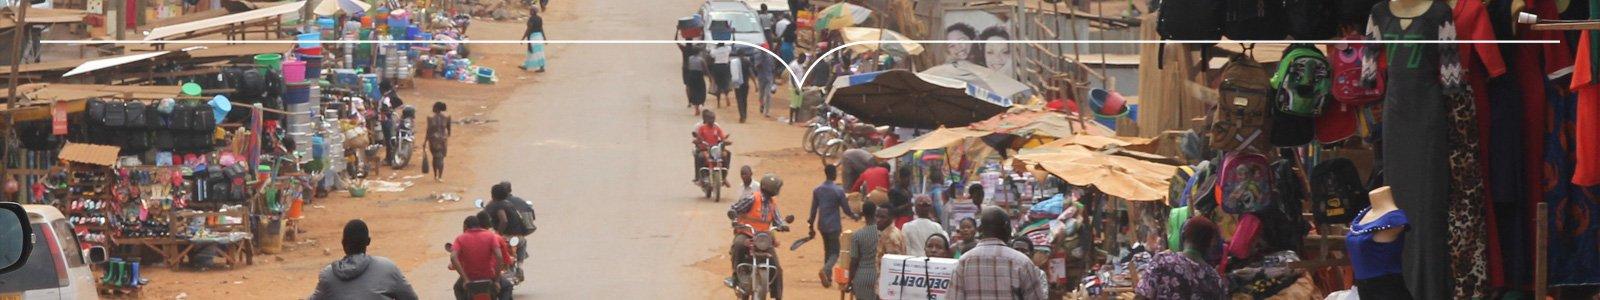 Markt en drukke zandweg met brommers en mensen in Afrika